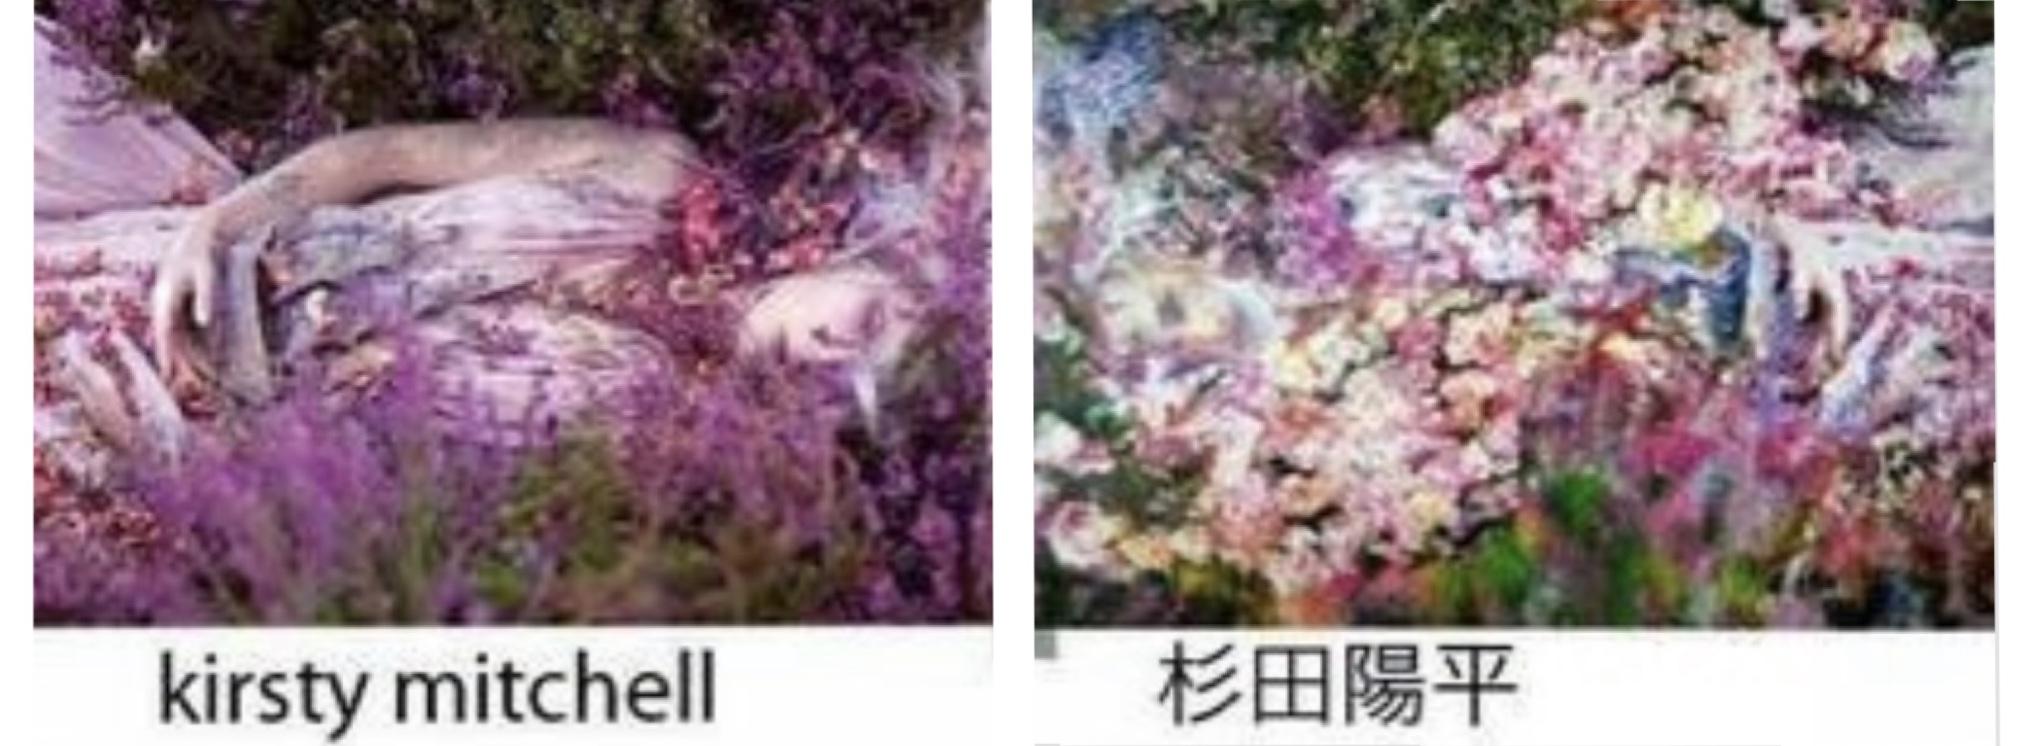 杉田陽平の作品とKristy Mitchell(クリスティ・ミッチェル)さんの作品が酷似?